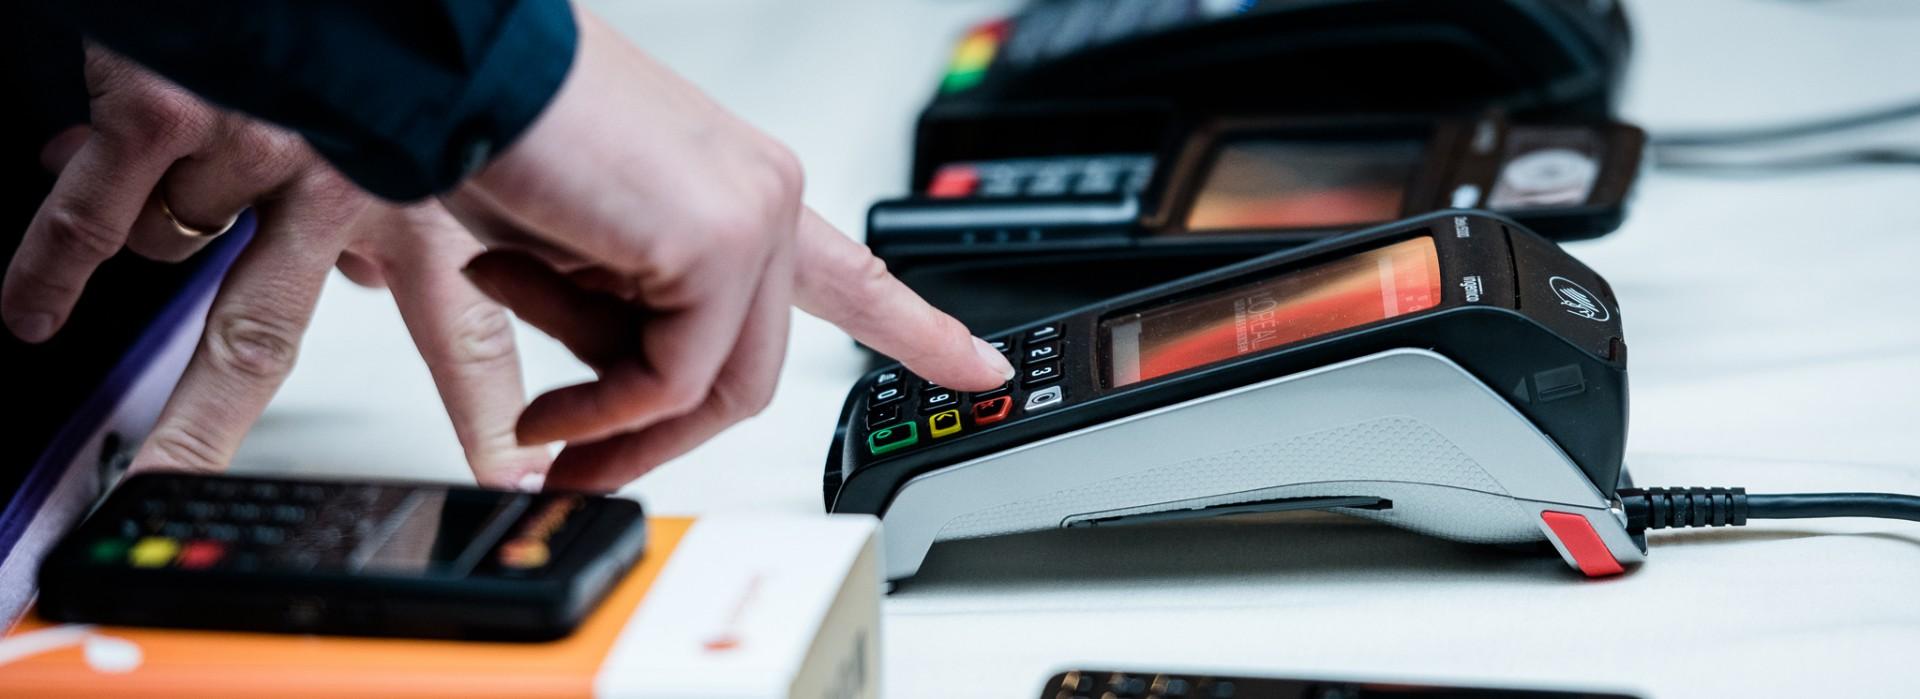 7 mažmeninės prekybos mokėjimo tendencijos | biks4.lt